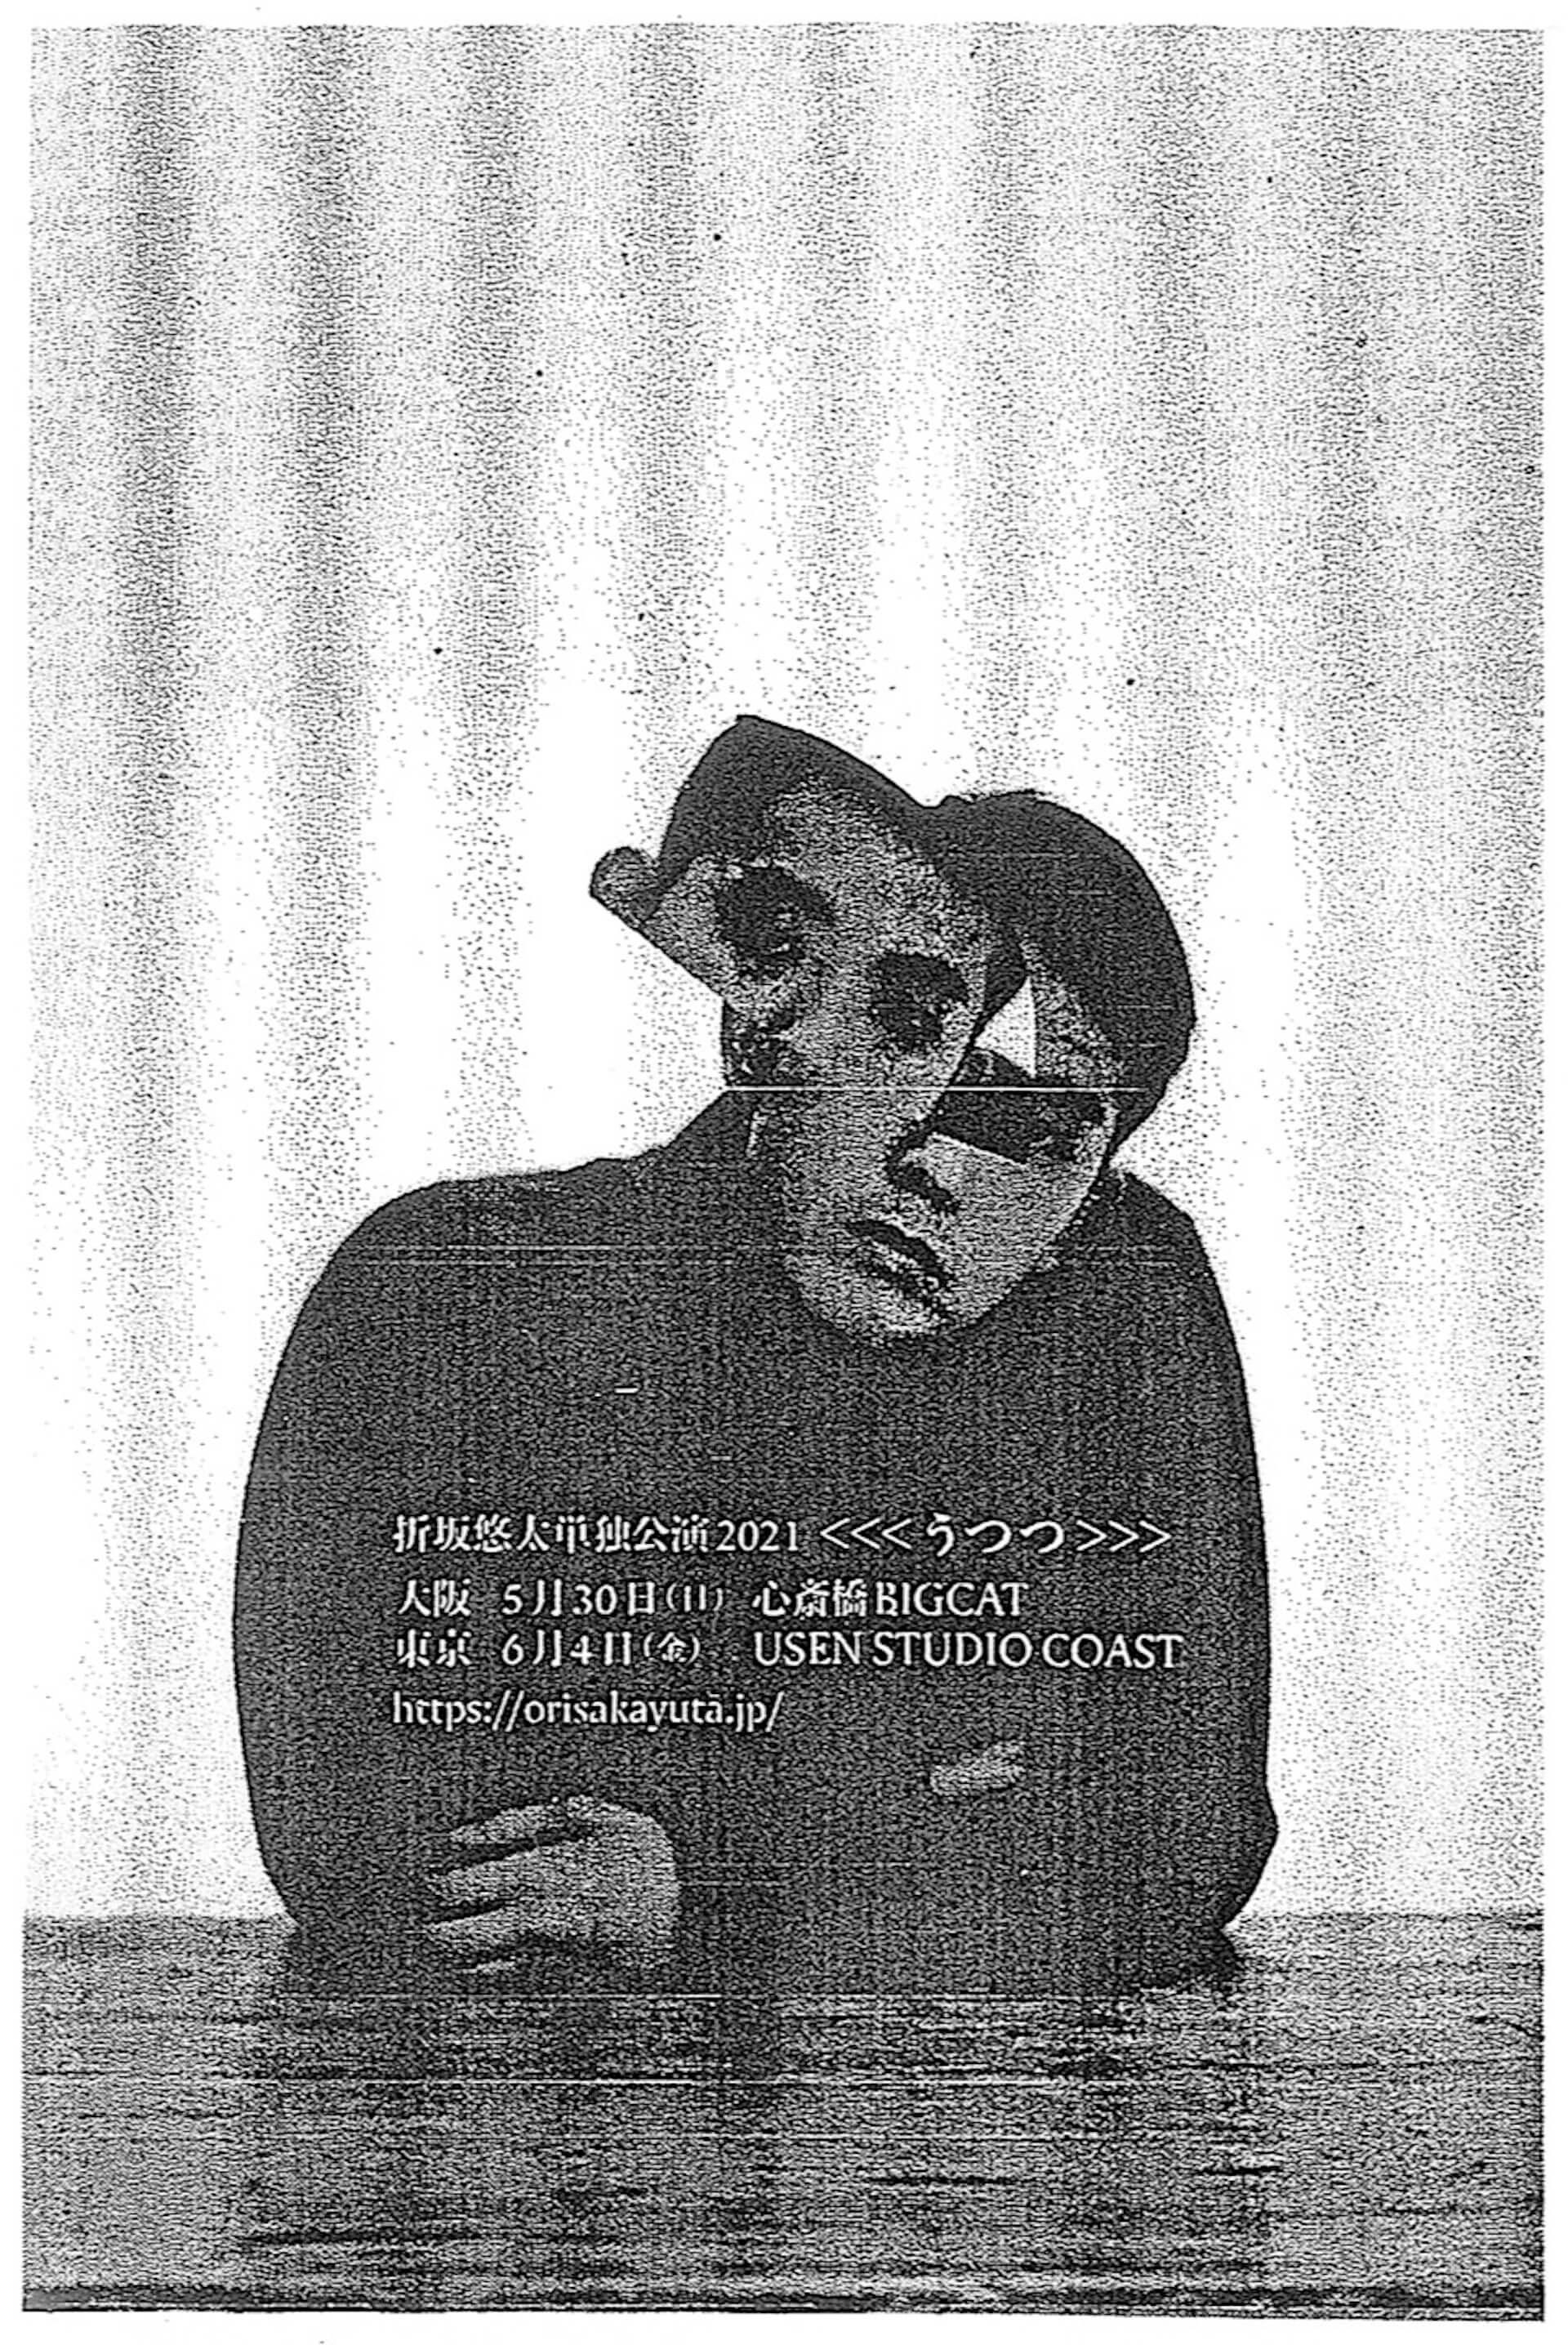 「折坂悠太単独公演2021<<<うつつ>>>」が東京・大阪で開催決定!新作『朝顔』収録曲のスタジオライブ映像も公開中 music210310_orisakayuta_1-1920x2871